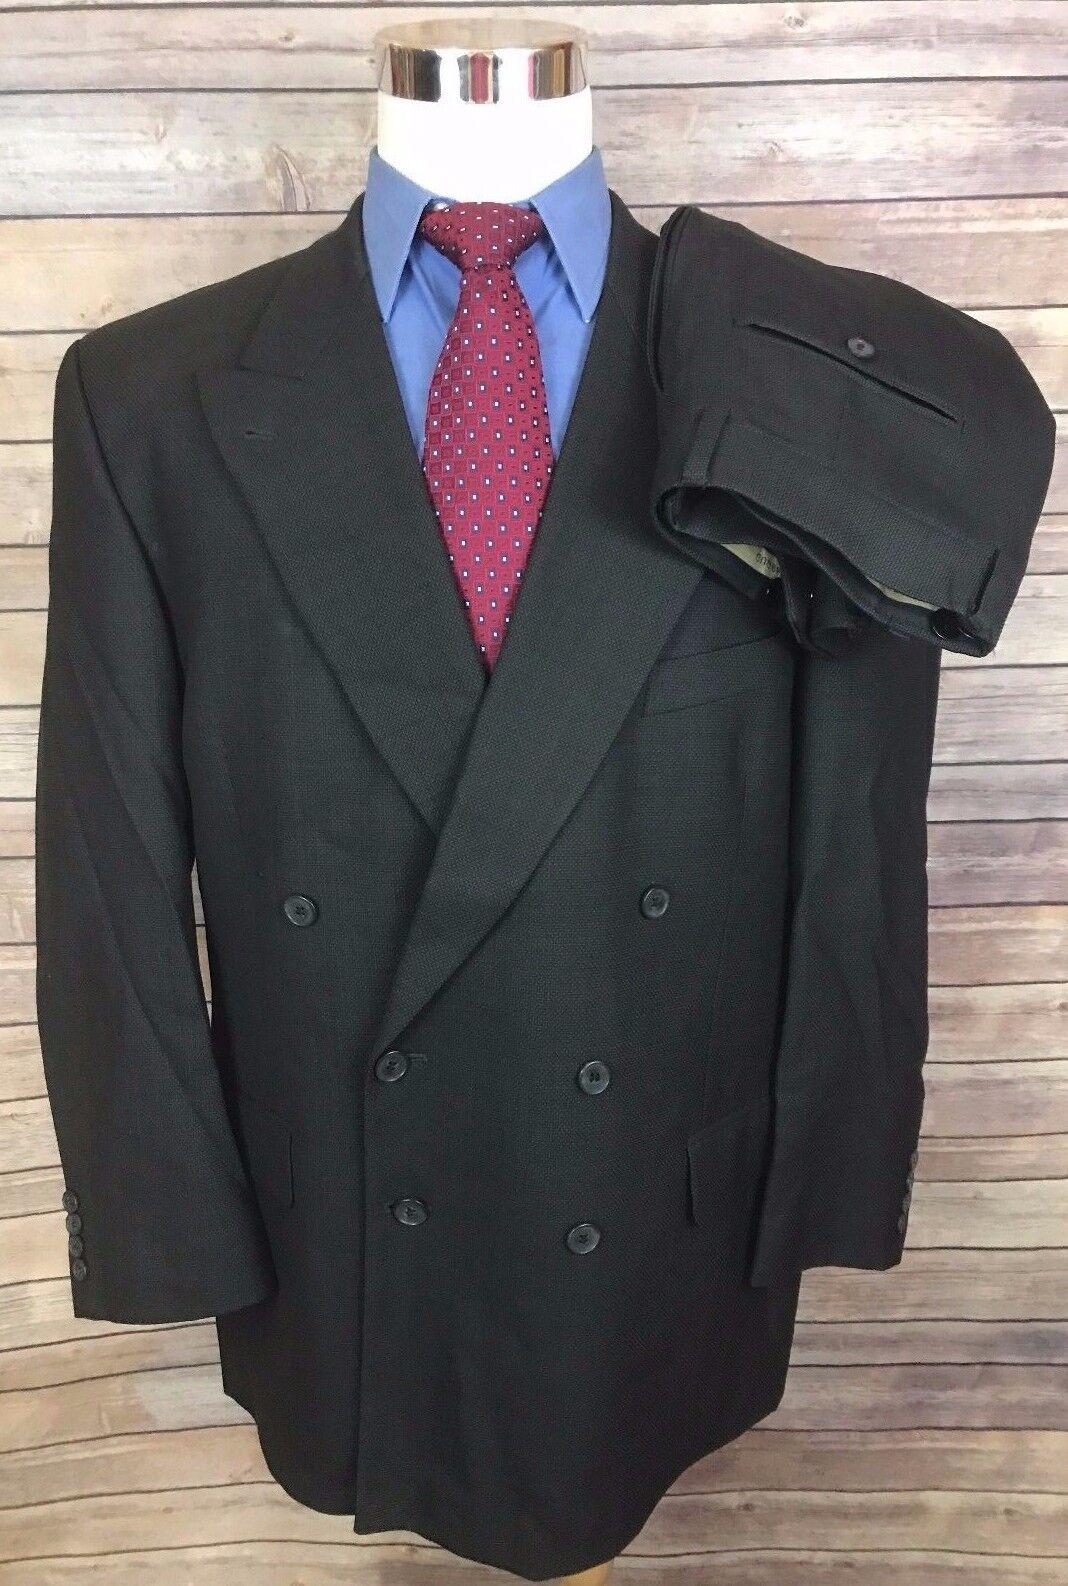 Joseph Abboud grau Birdseye Classic Fit Double Breasted Wool Suit  Herren 44R 36x28